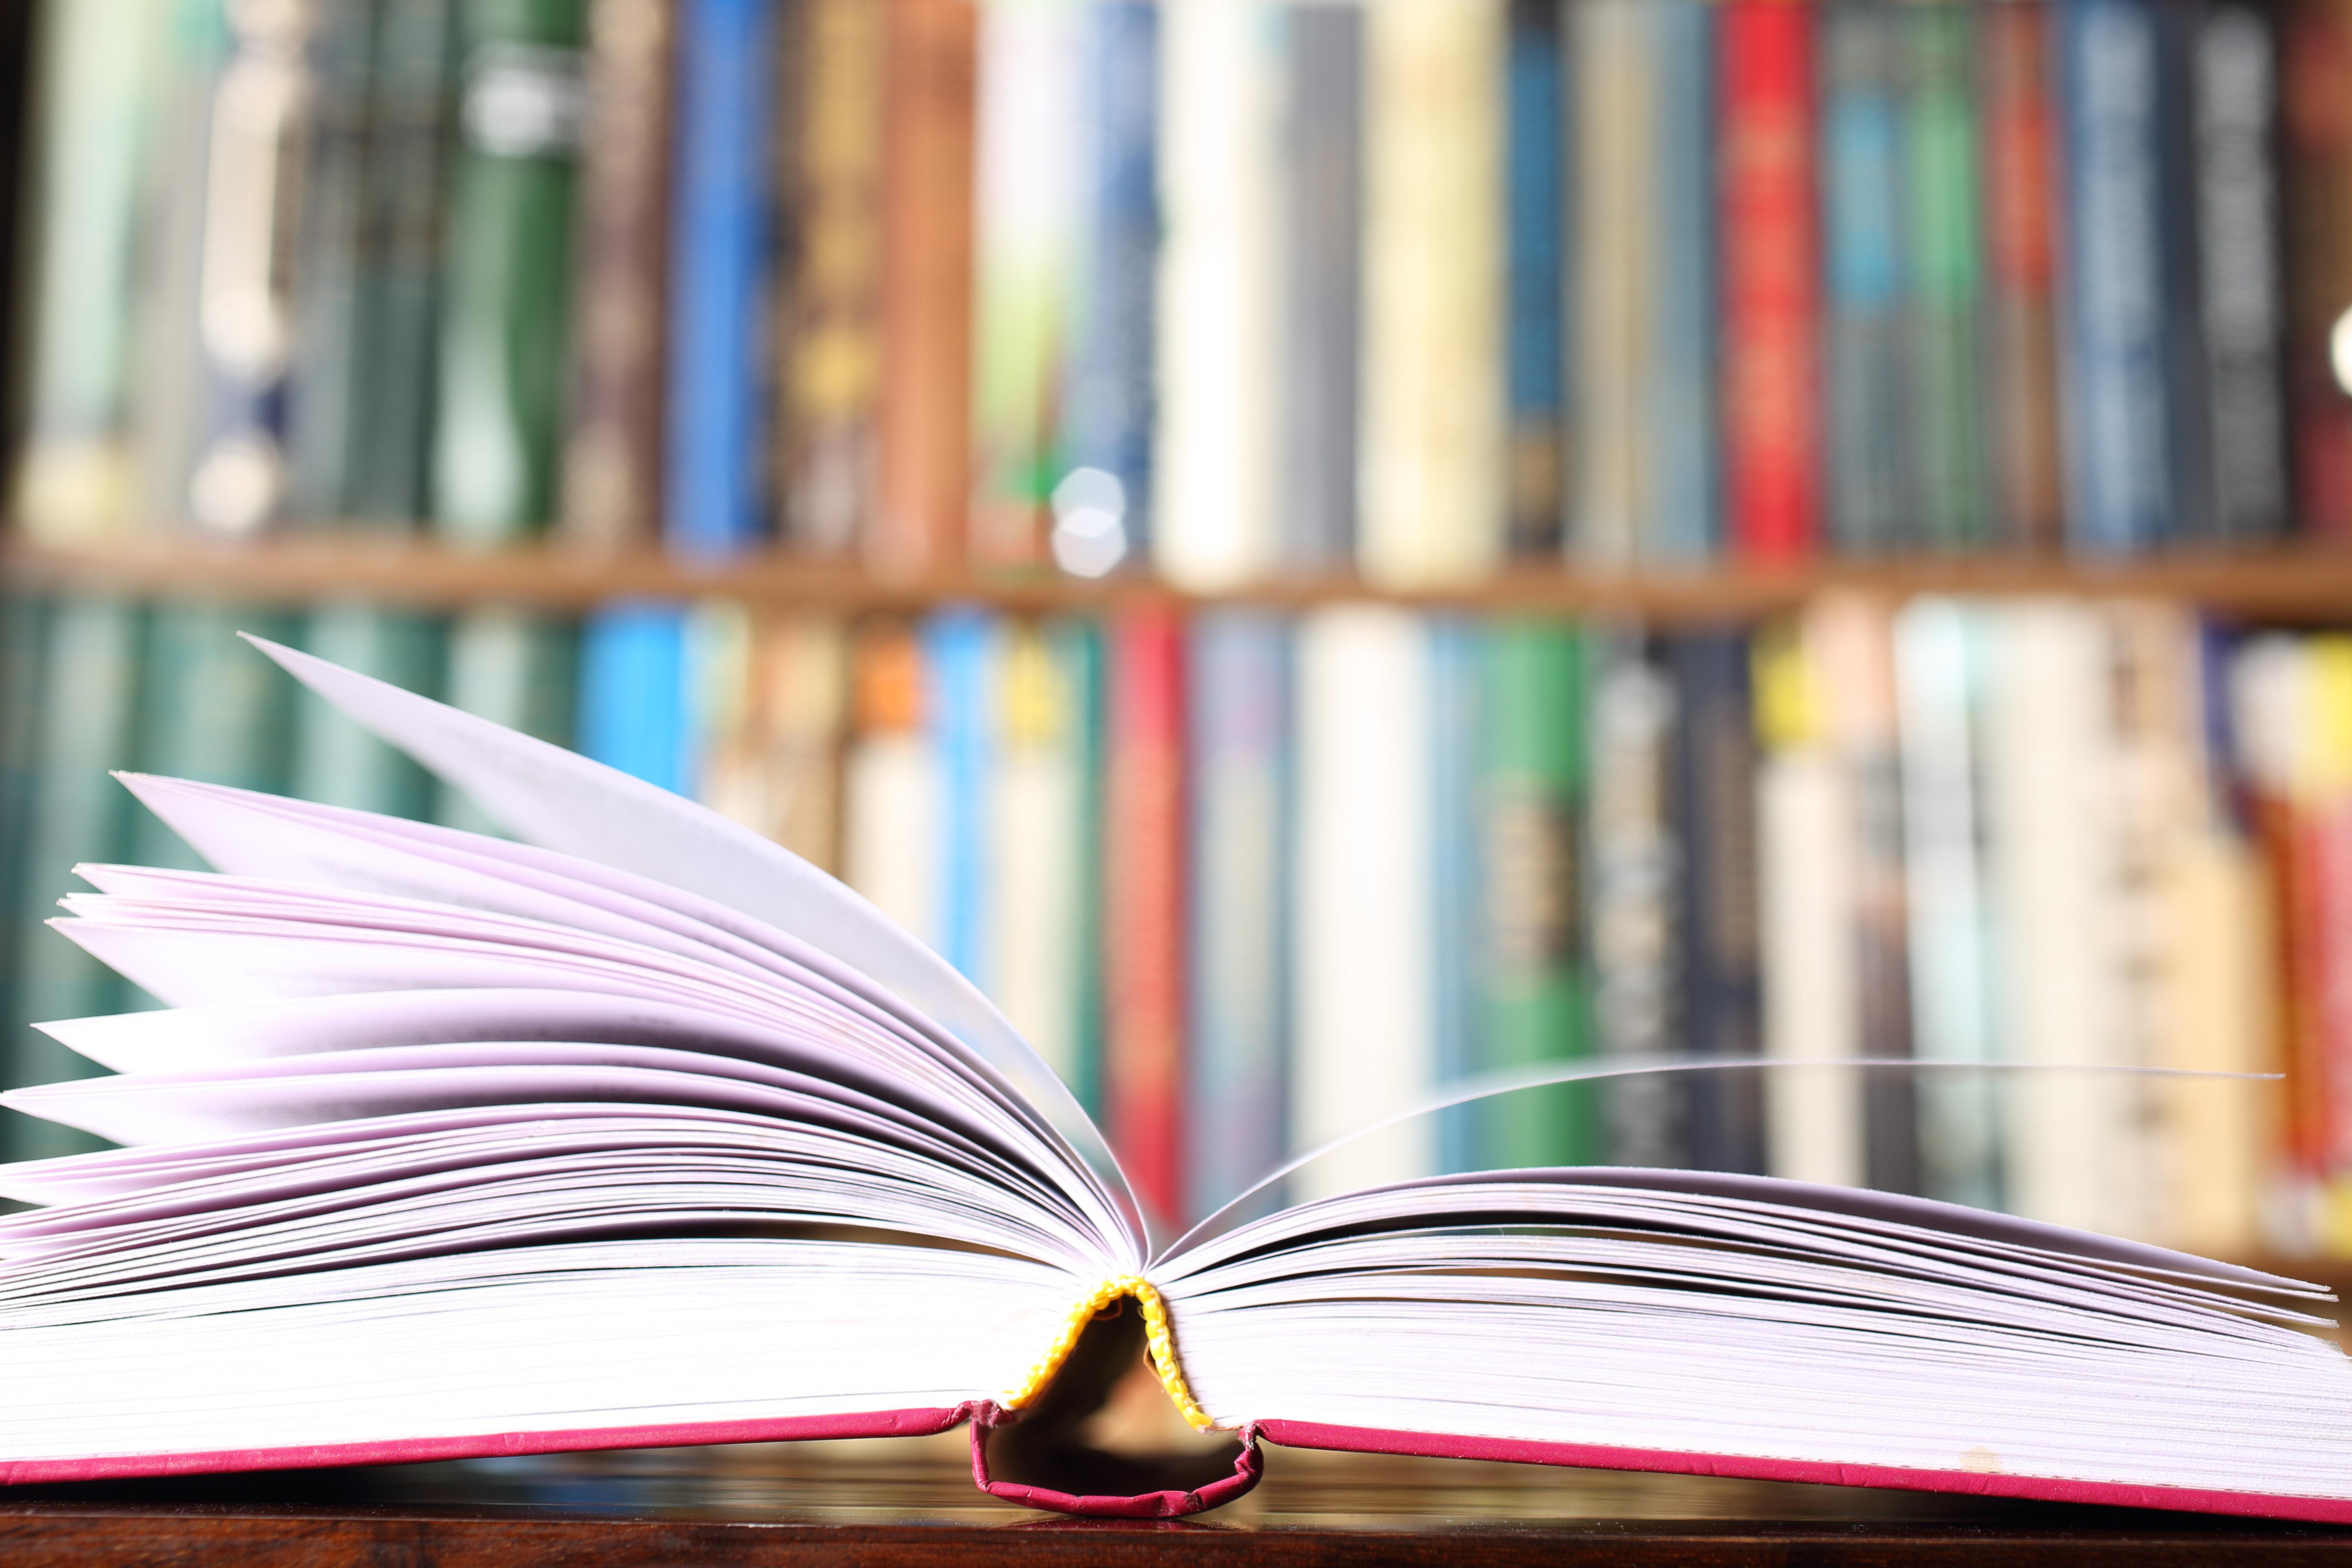 La Tunisie racontée à travers des livres: Les ouvrages à